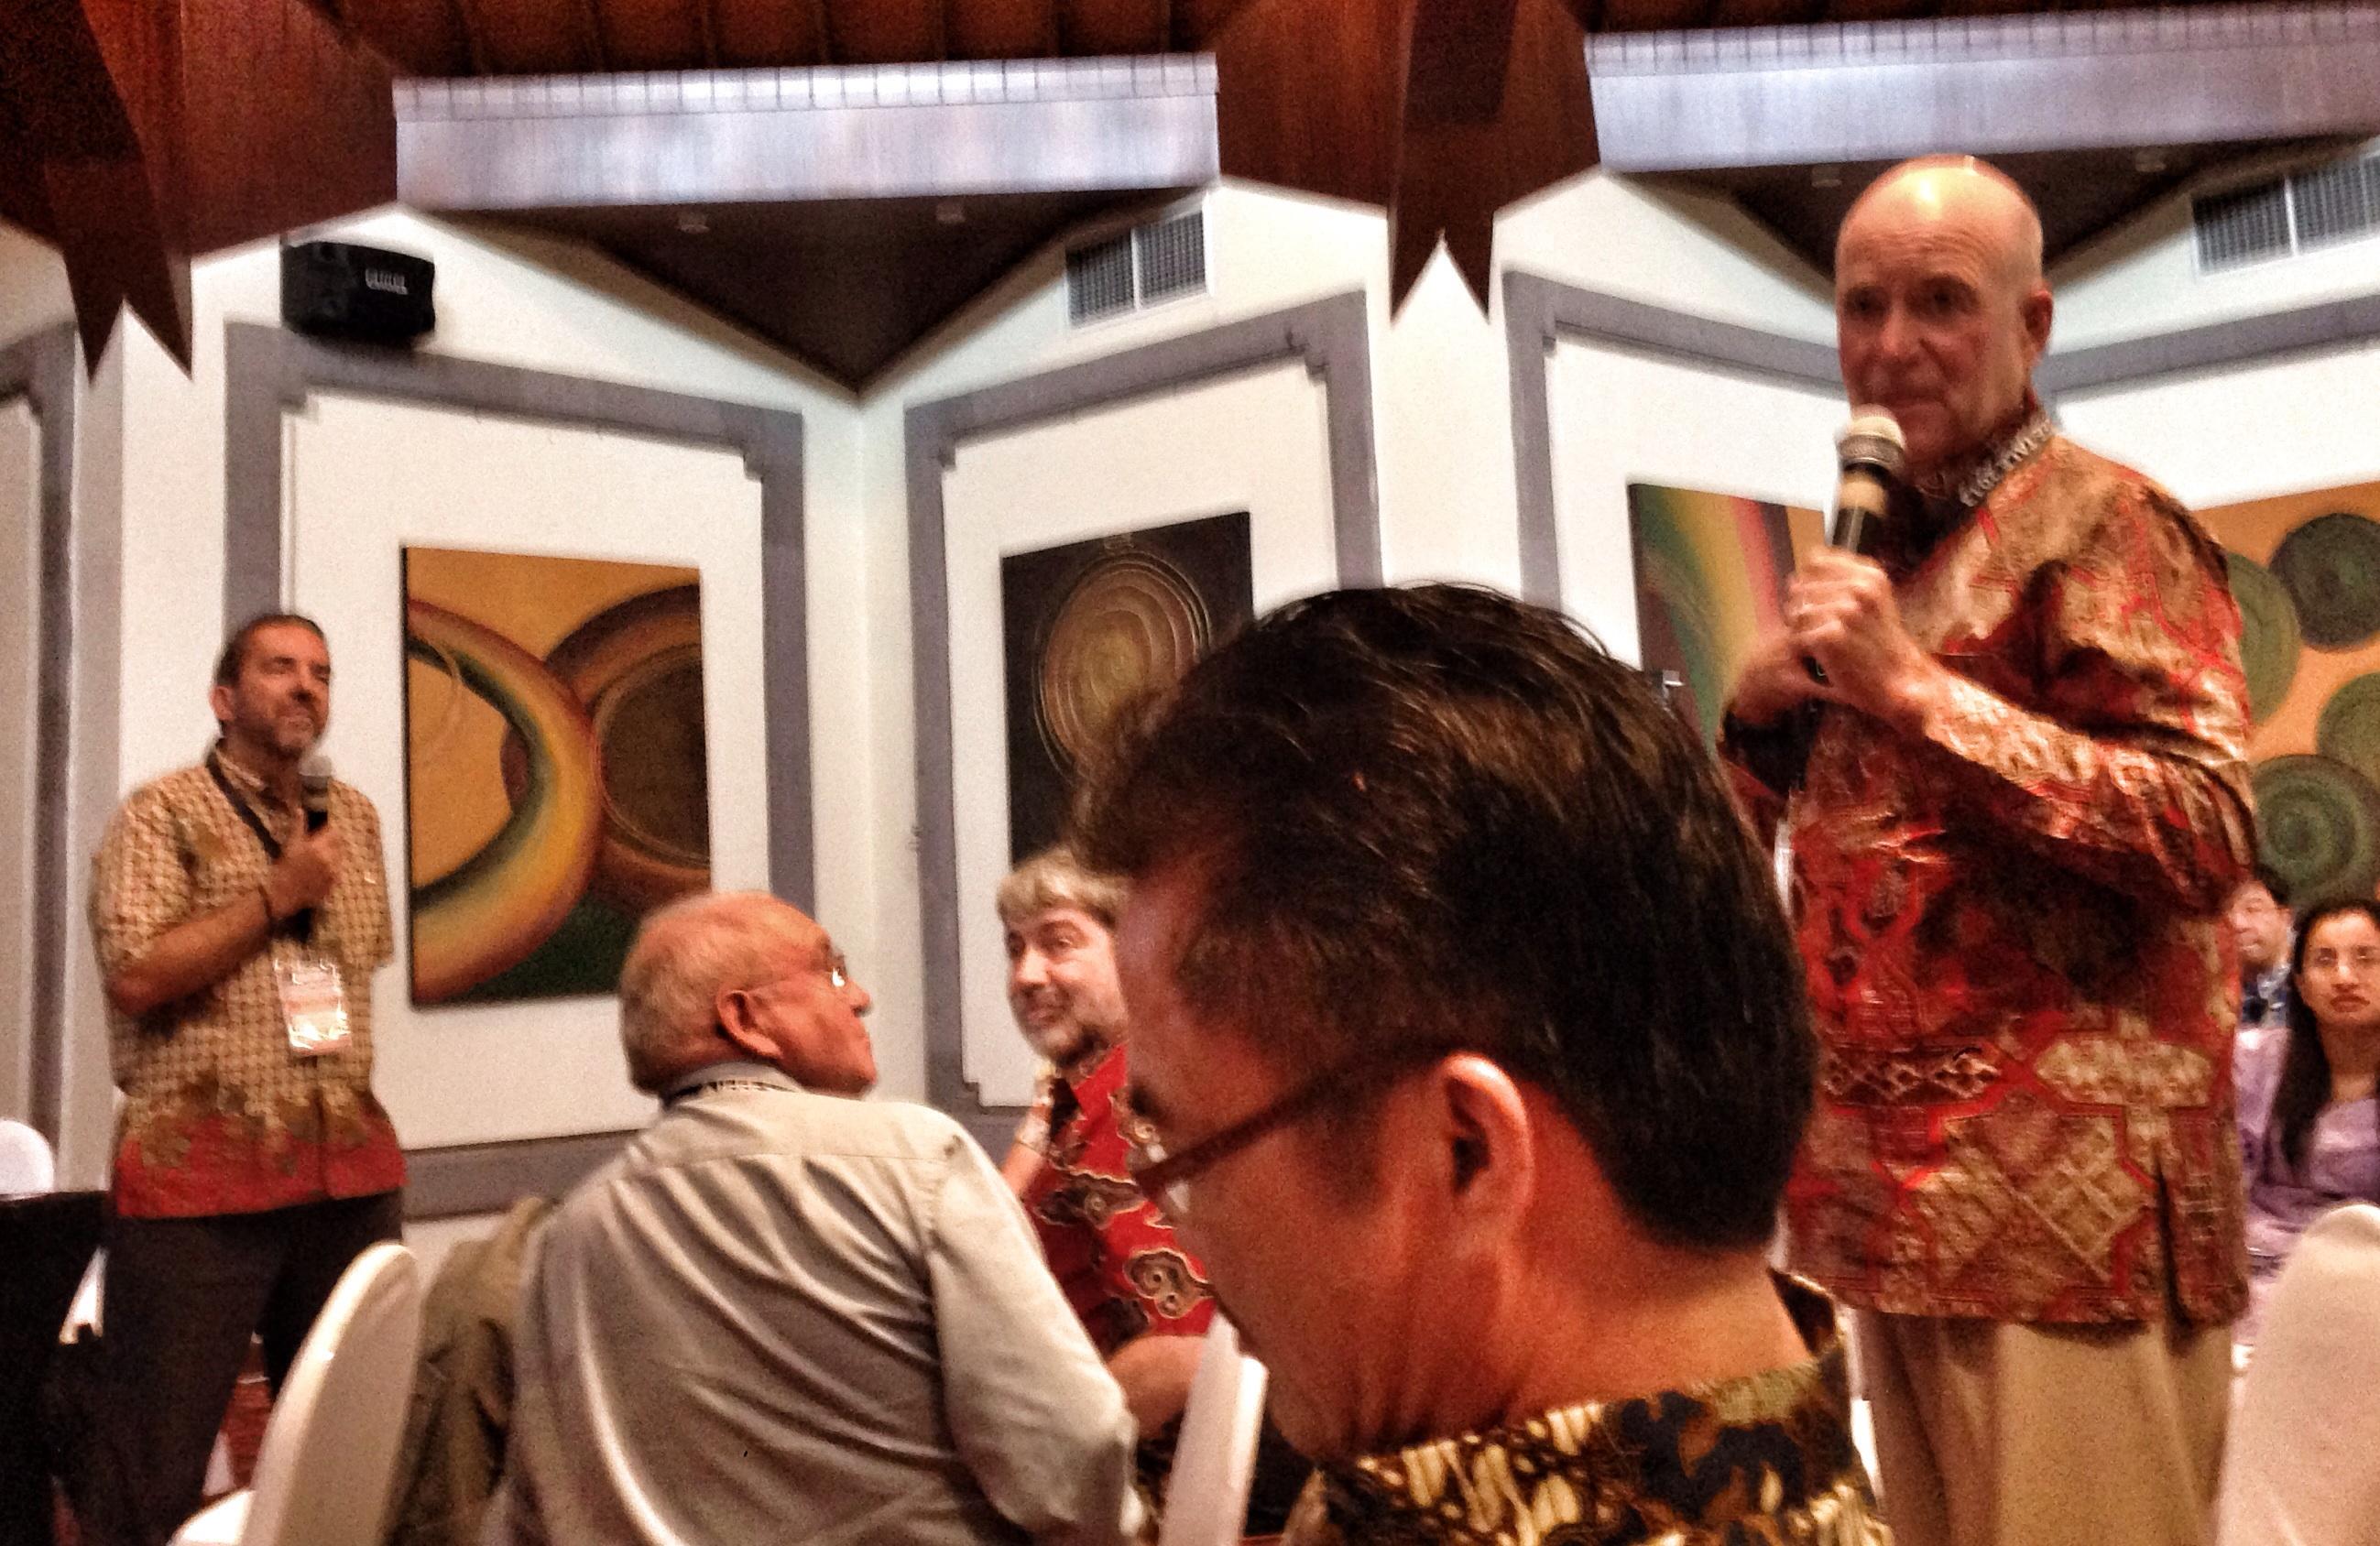 Prof Reisman berbincang dengan Prof Castro dan M Chesnais)